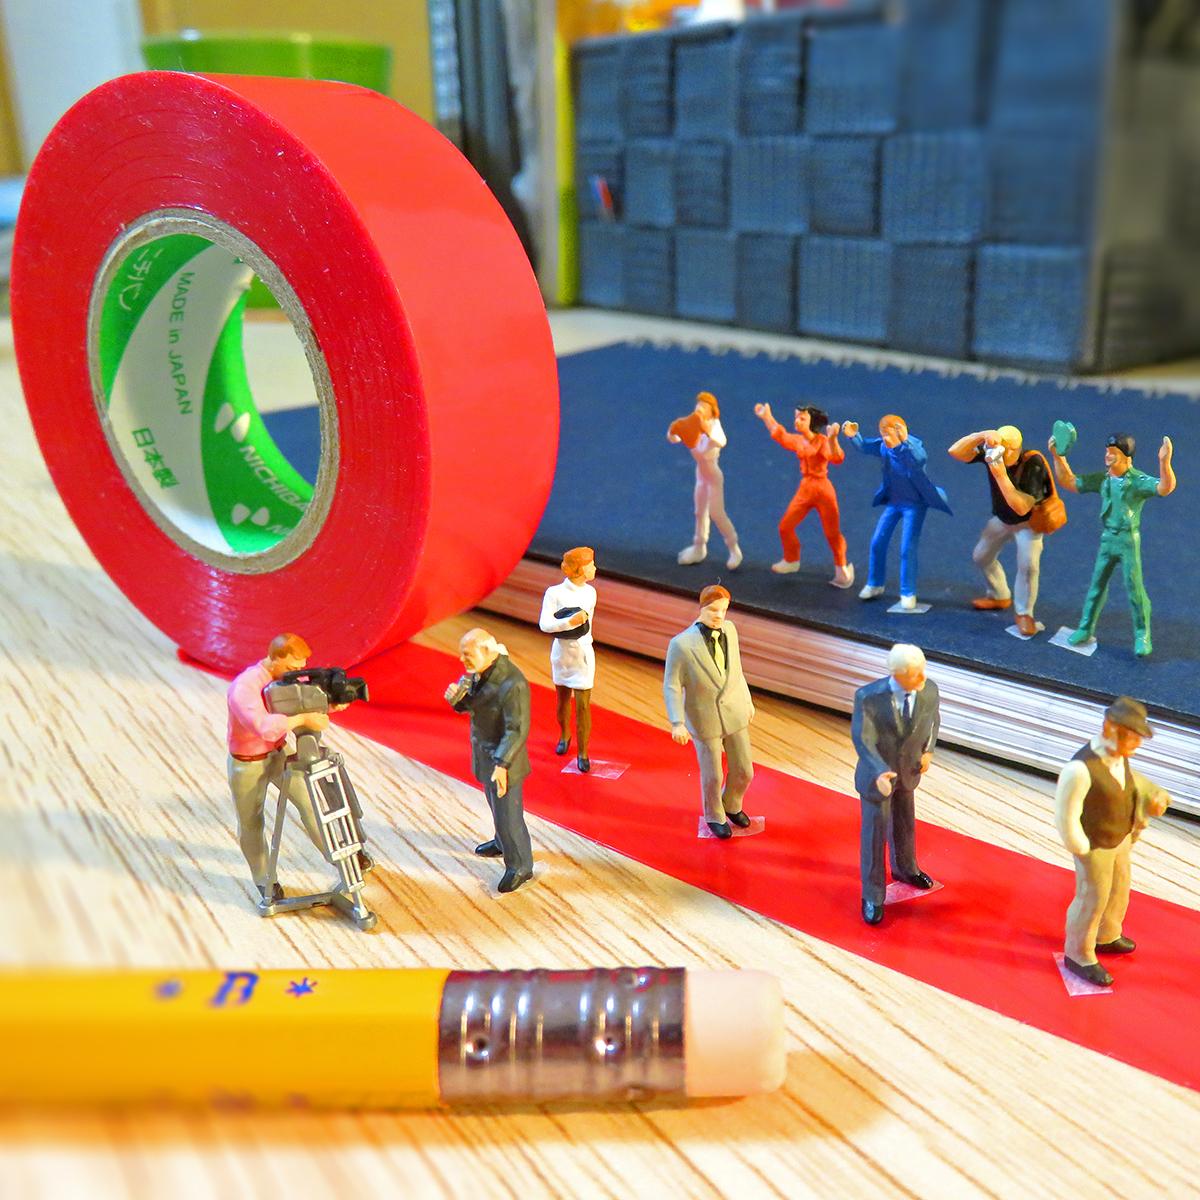 赤テープのレッドカーペットを歩く有名人とテレビ中継するマスコミと観客